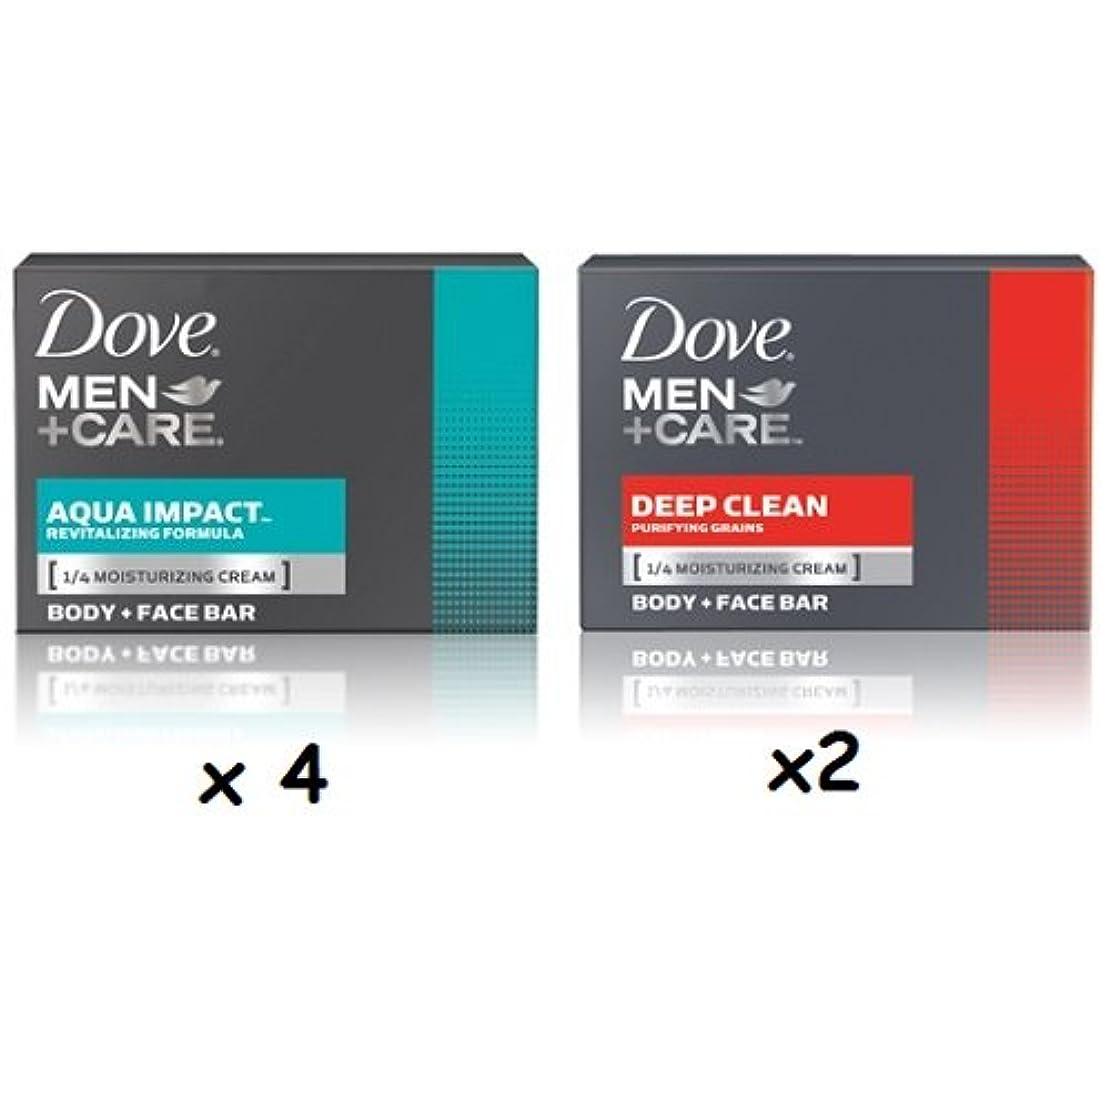 検査構想する呪われた【6個セット】Dove MEN+CARE Body&Face Bar Soap (4ozx6) ダヴ メンズプラスケア 体&顔用の固形石鹸(113gx6)(Deep Clean 4個とAqua Impact2個 合計6個...